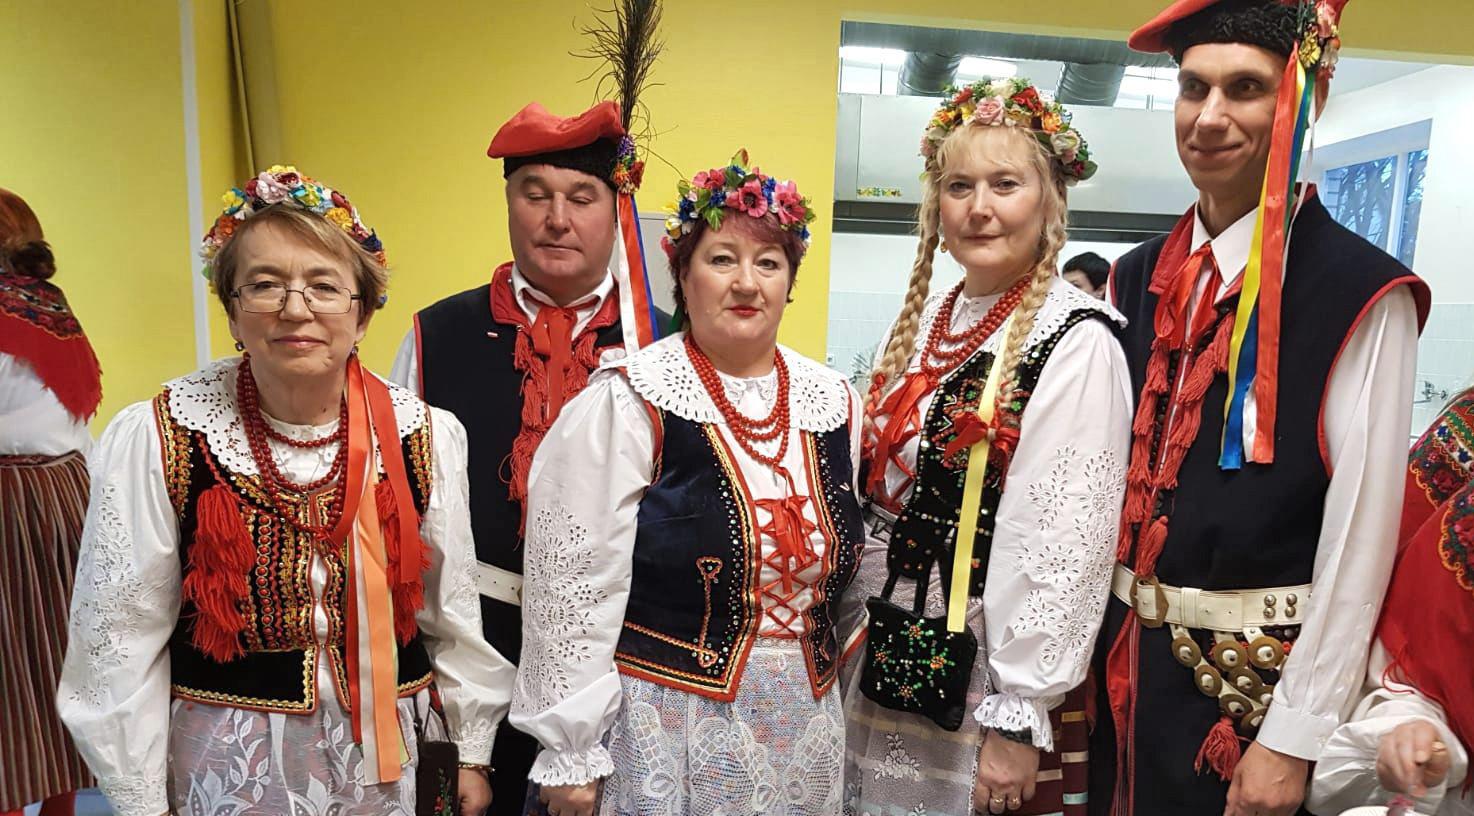 Фонд интеграции поддержит проекты по сохранению и развитию культуры национальных меньшинств